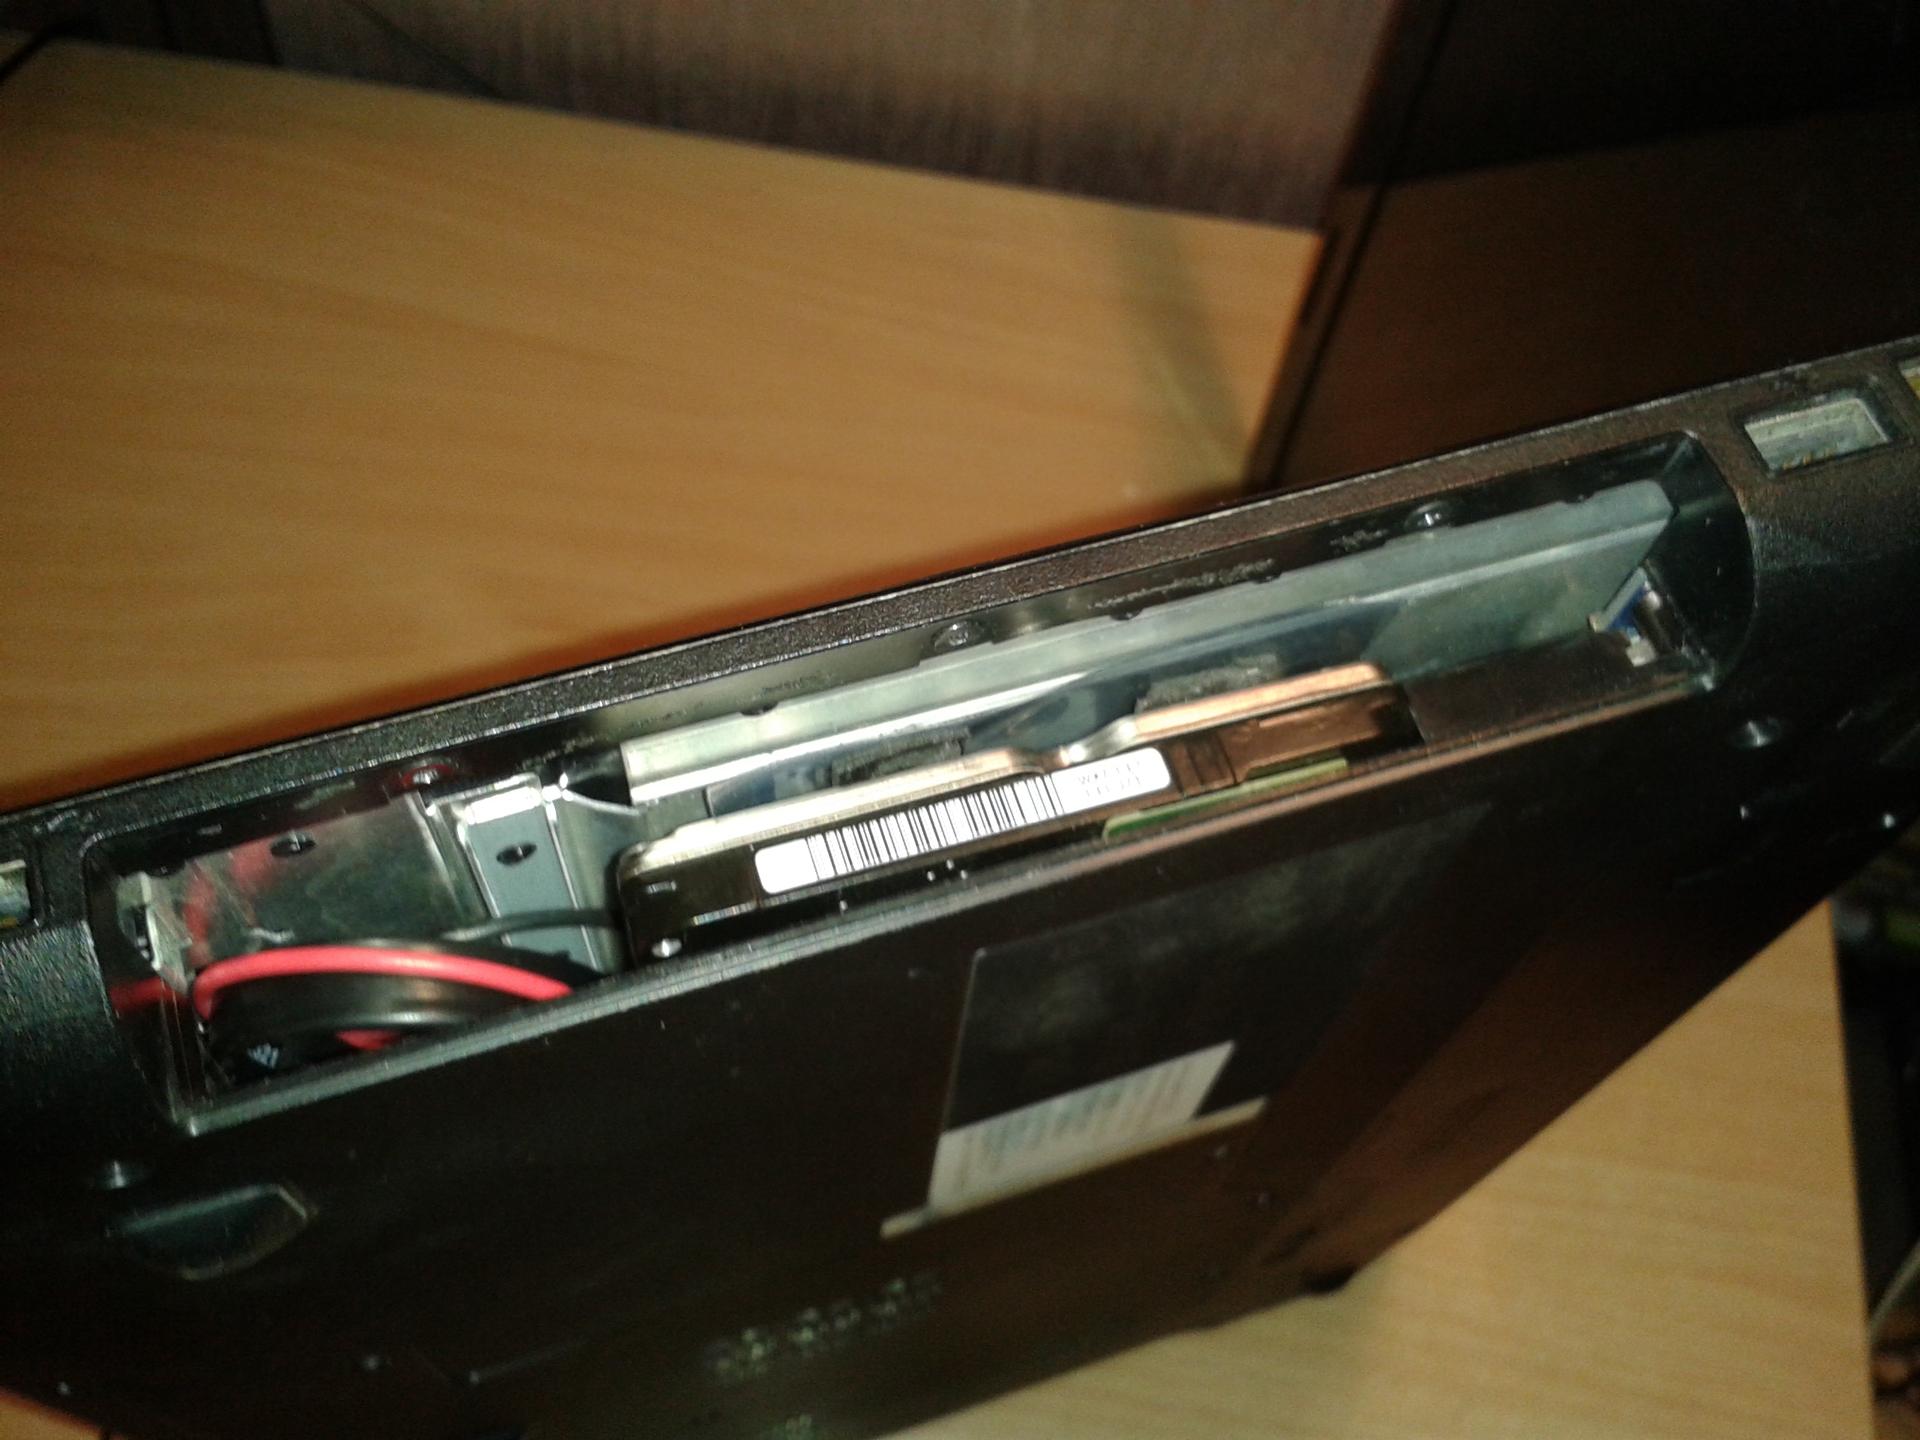 Жесткий диск вместо привода ноутбука своими руками